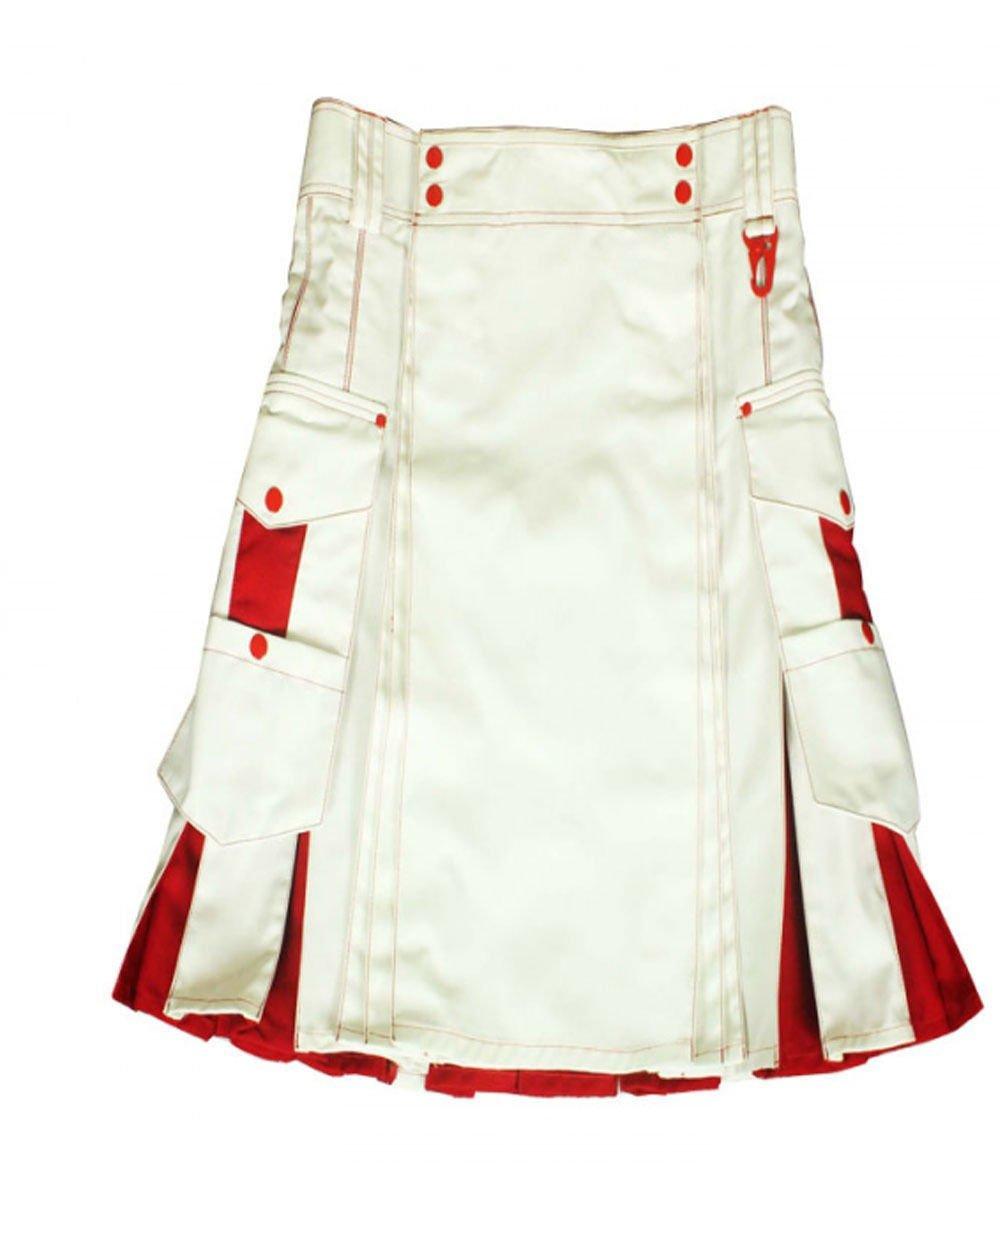 60 Size Handmade White & Red Cotton Kilt for Active Men, Hybrid Cotton Utility Deluxe Kilt